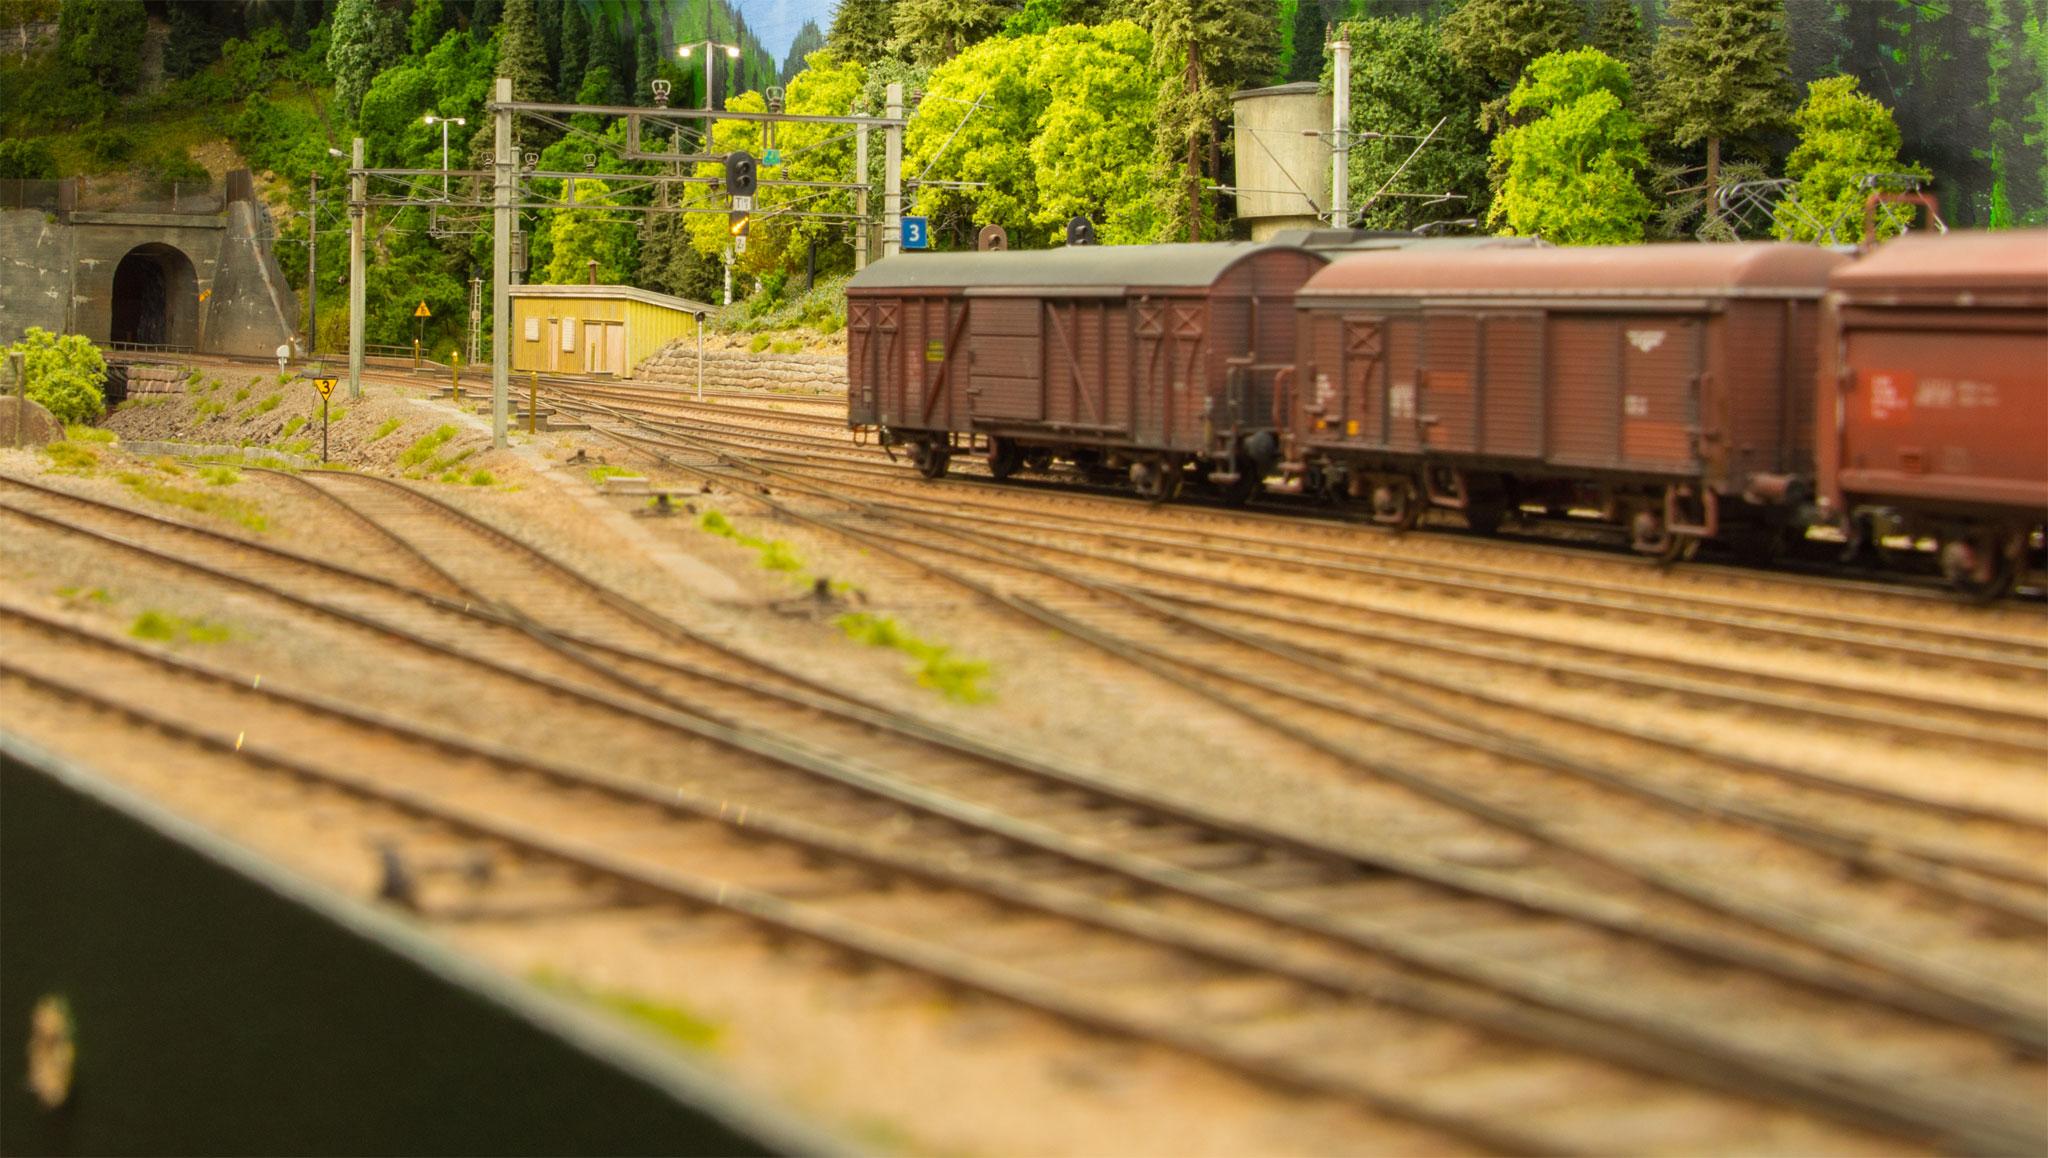 Modsatte ende af Dalen station med opstillede godsvogne